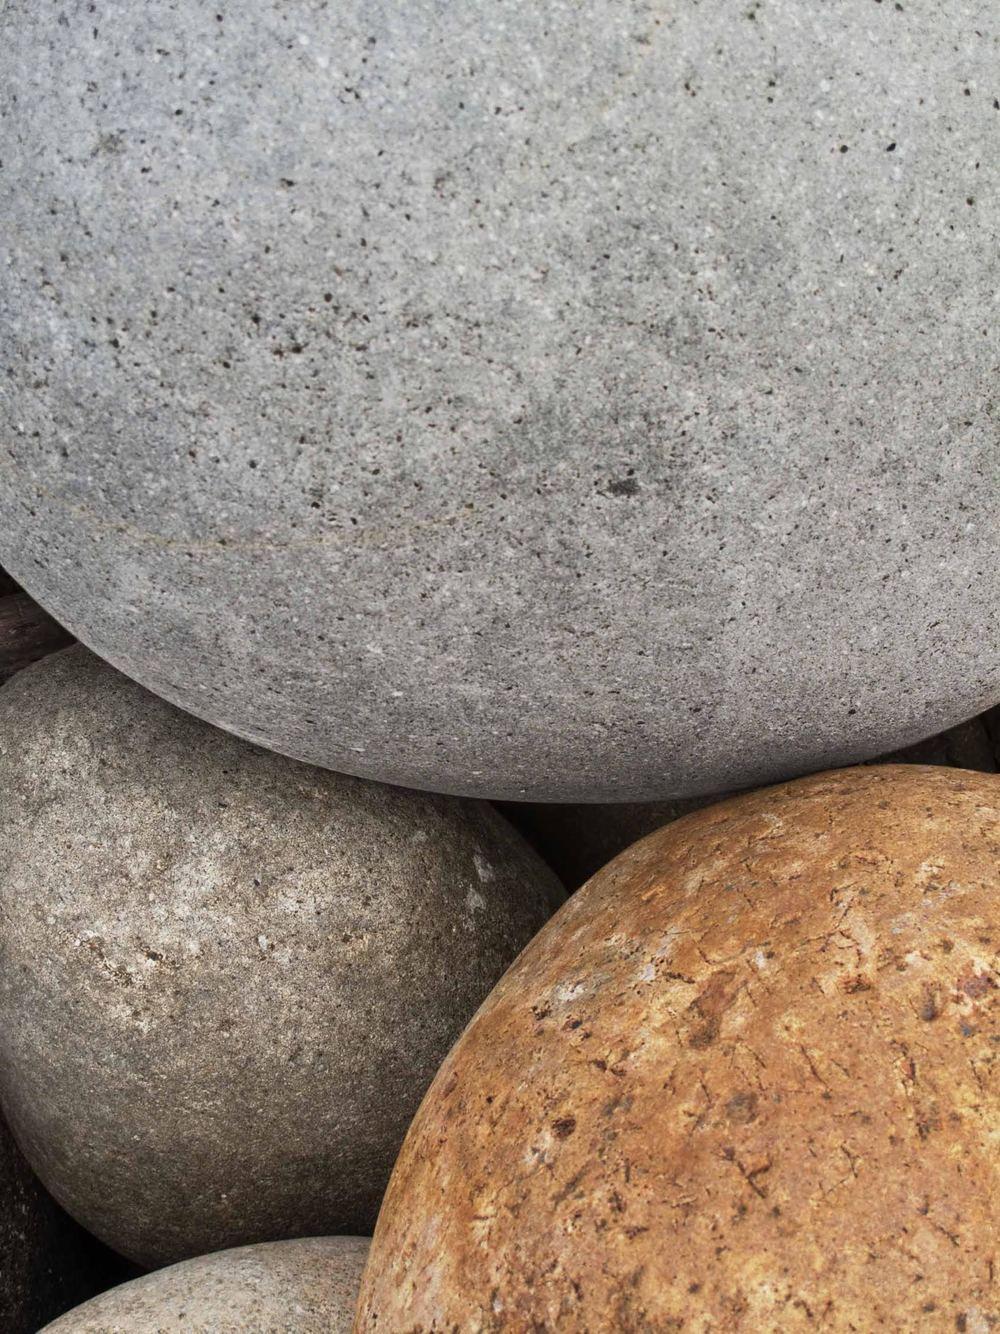 Pedras 2 Cor  2014  Fotografia  imagem: 66 x 89 cm/ com moldura: 83 x 106,5 cm